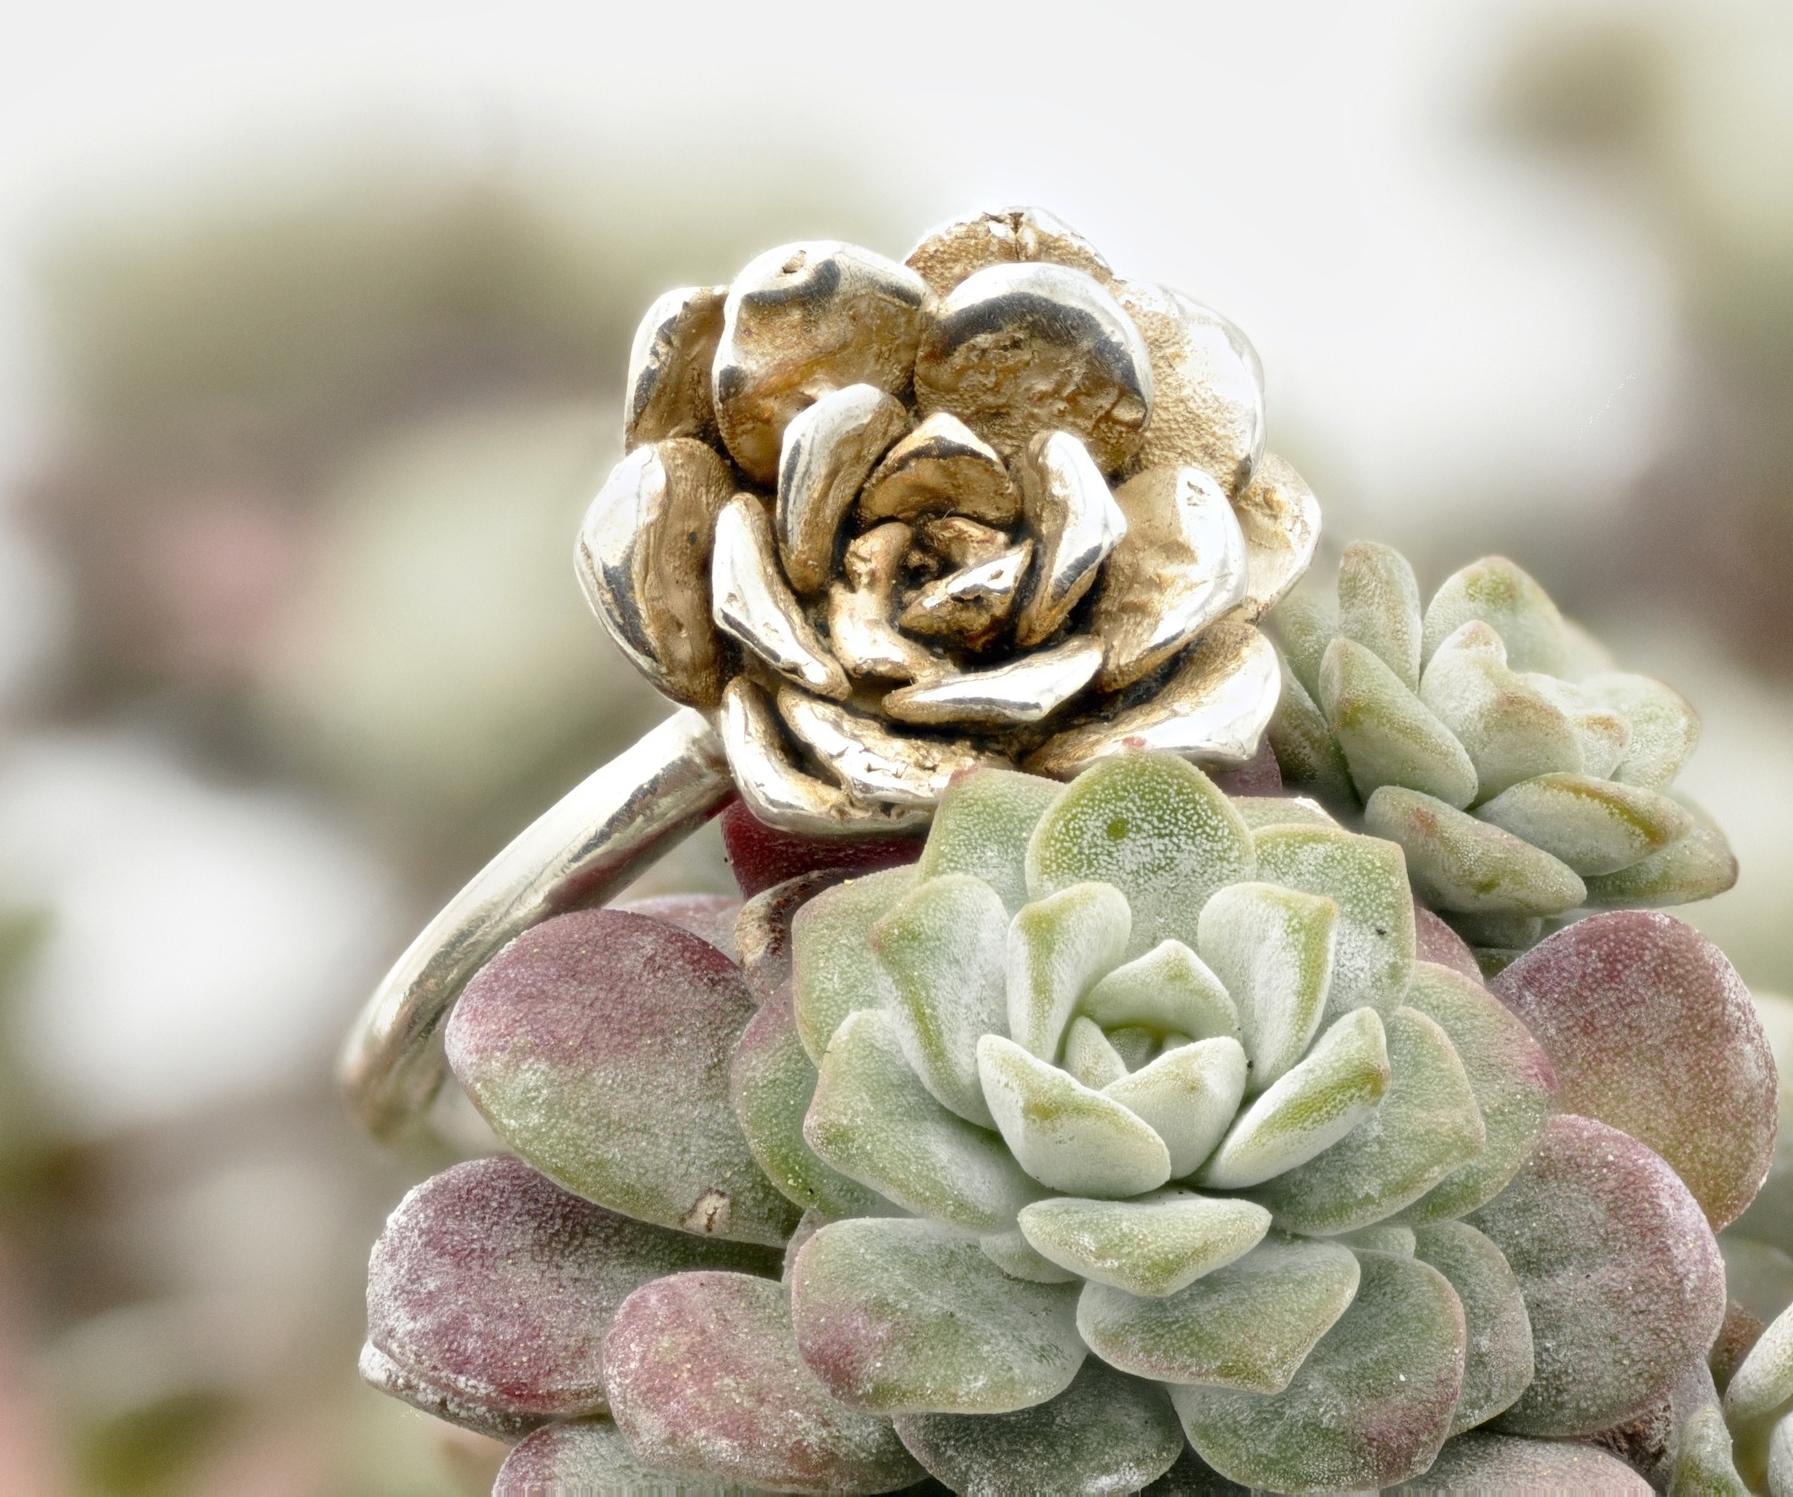 capo-blanco-sterling-silver-rosette-ring-on-plant7 - 1.jpg